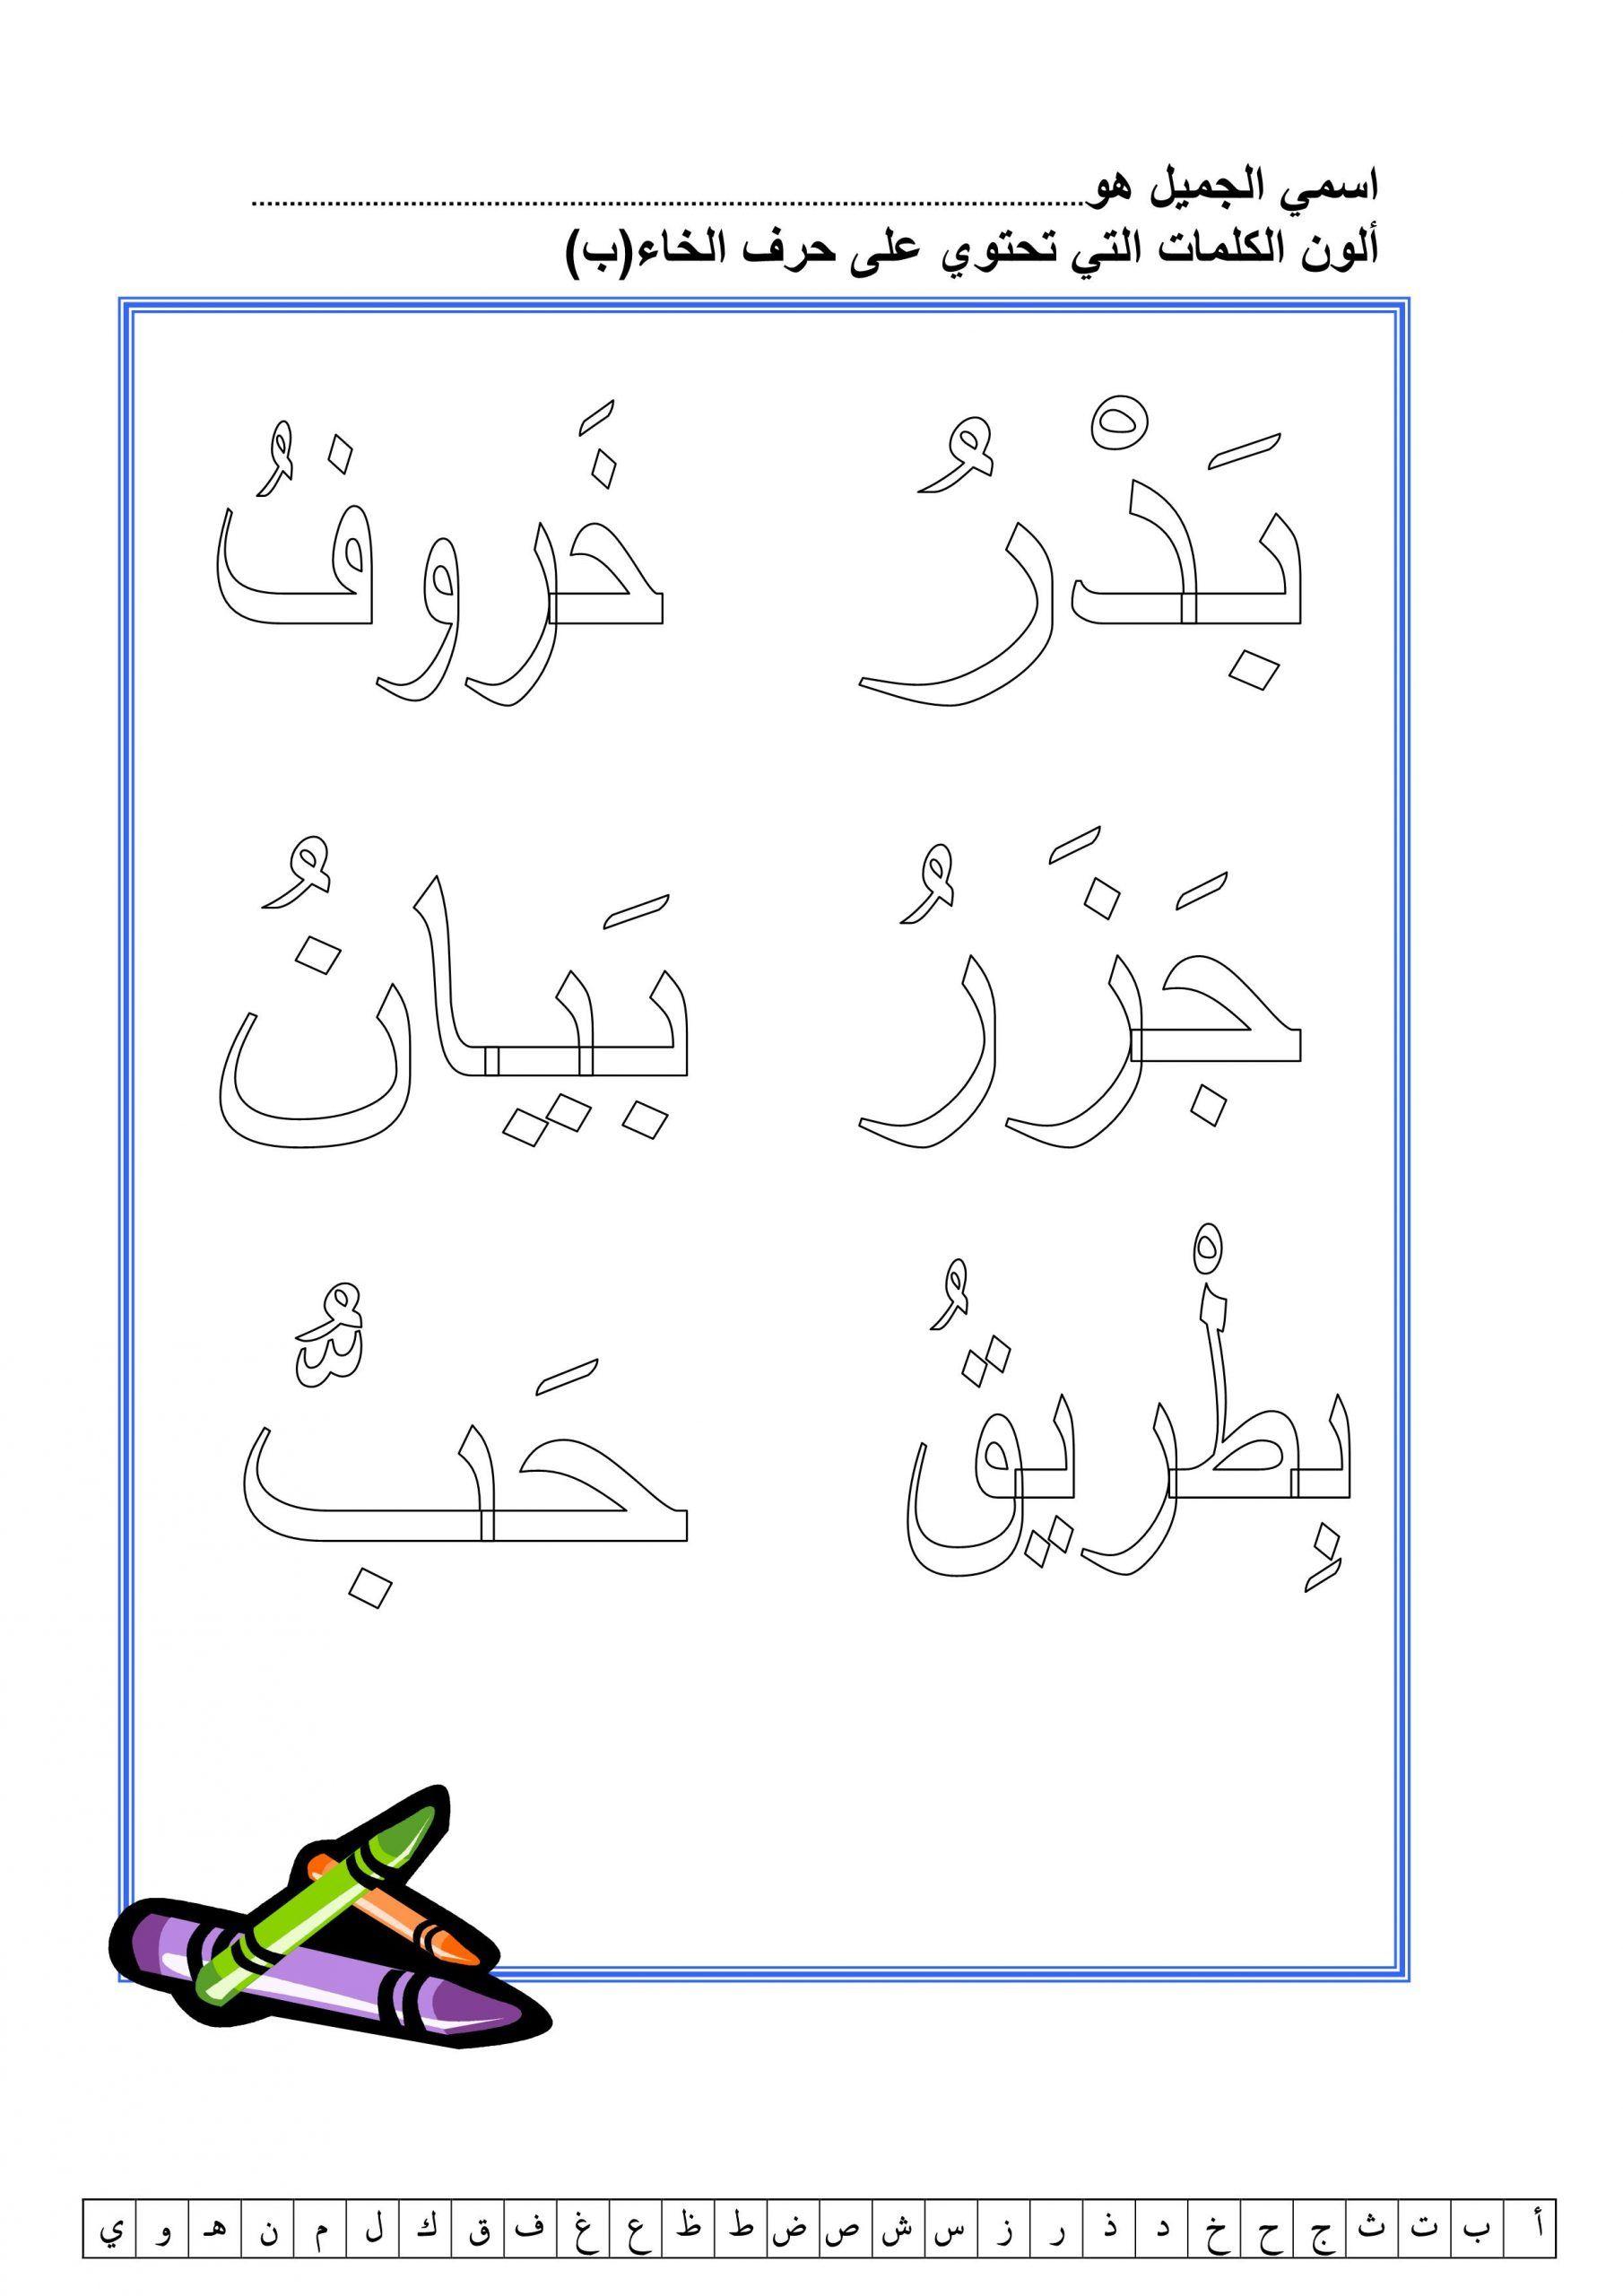 اوراق عمل لتعليم الاطفال الحروف الهجائية بطريقة جميلة Map Word Search Words